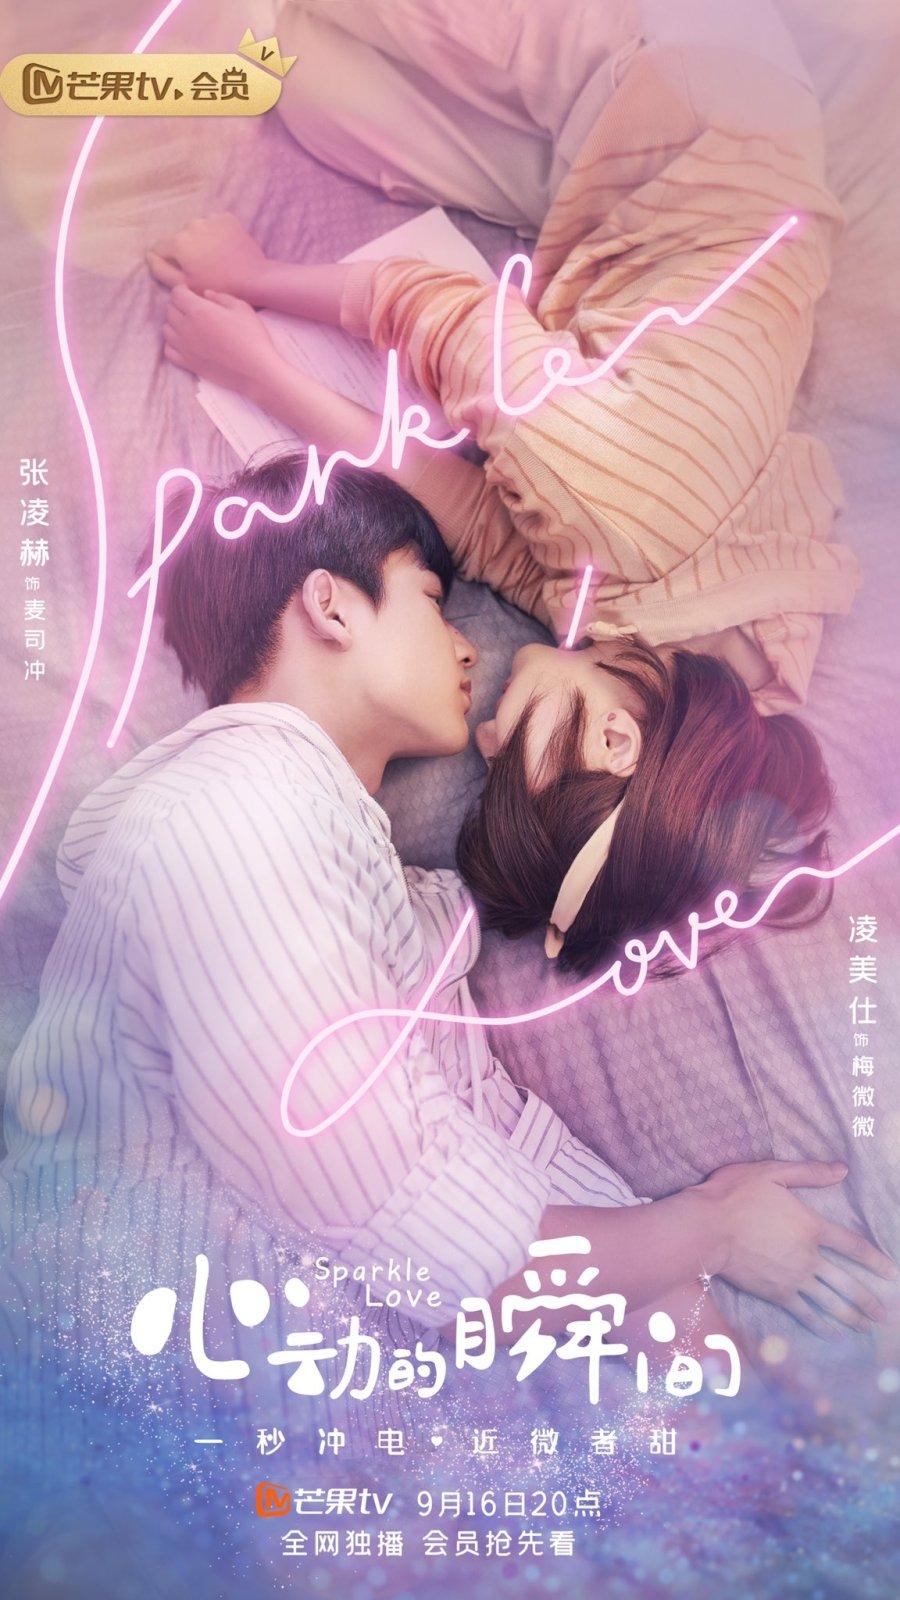 sparkle-love-จังหวะหัวใจสปาร์ครัก-ซับไทย